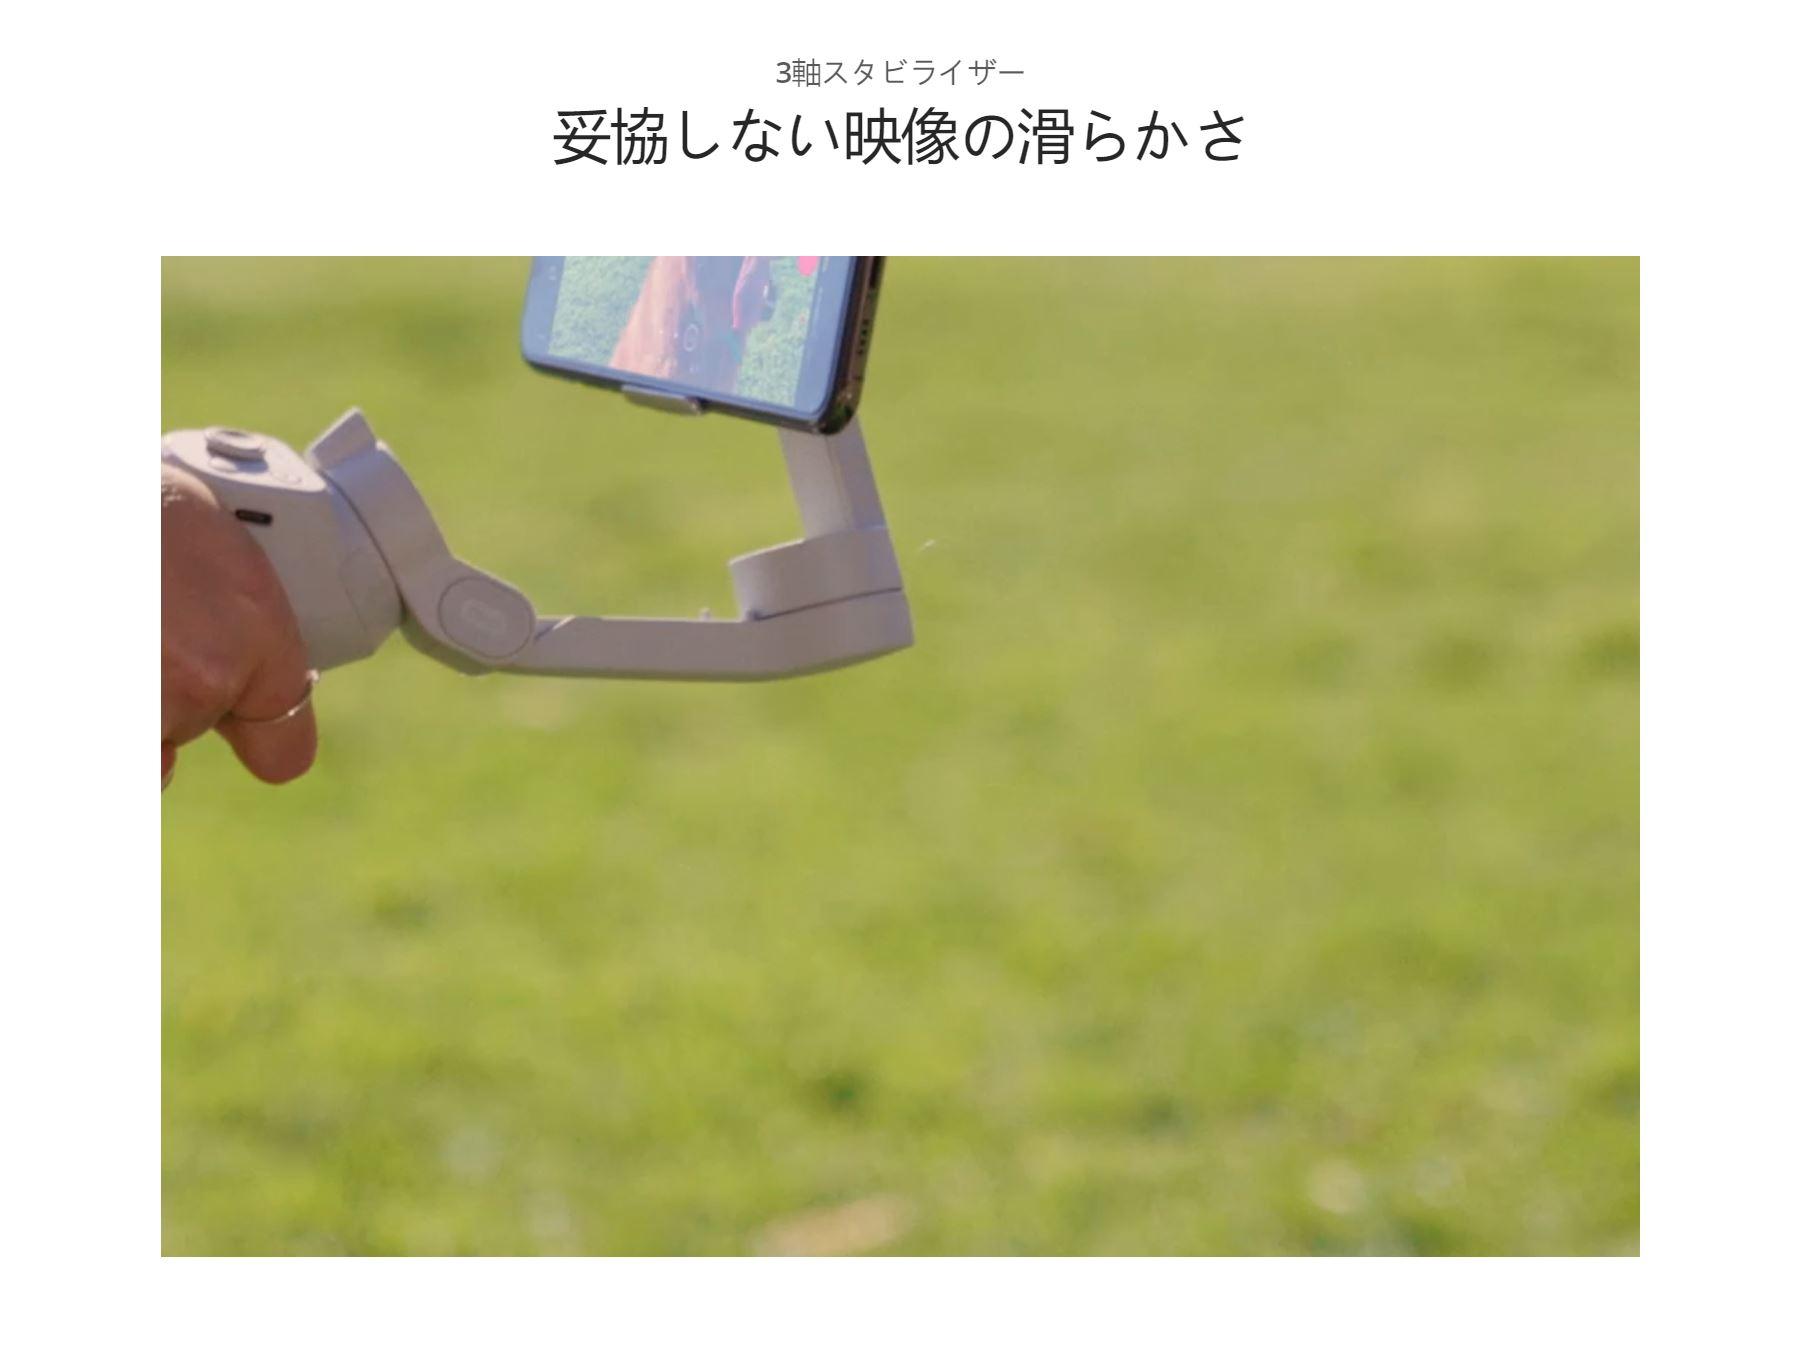 DJI OM4 3軸スタビライザー